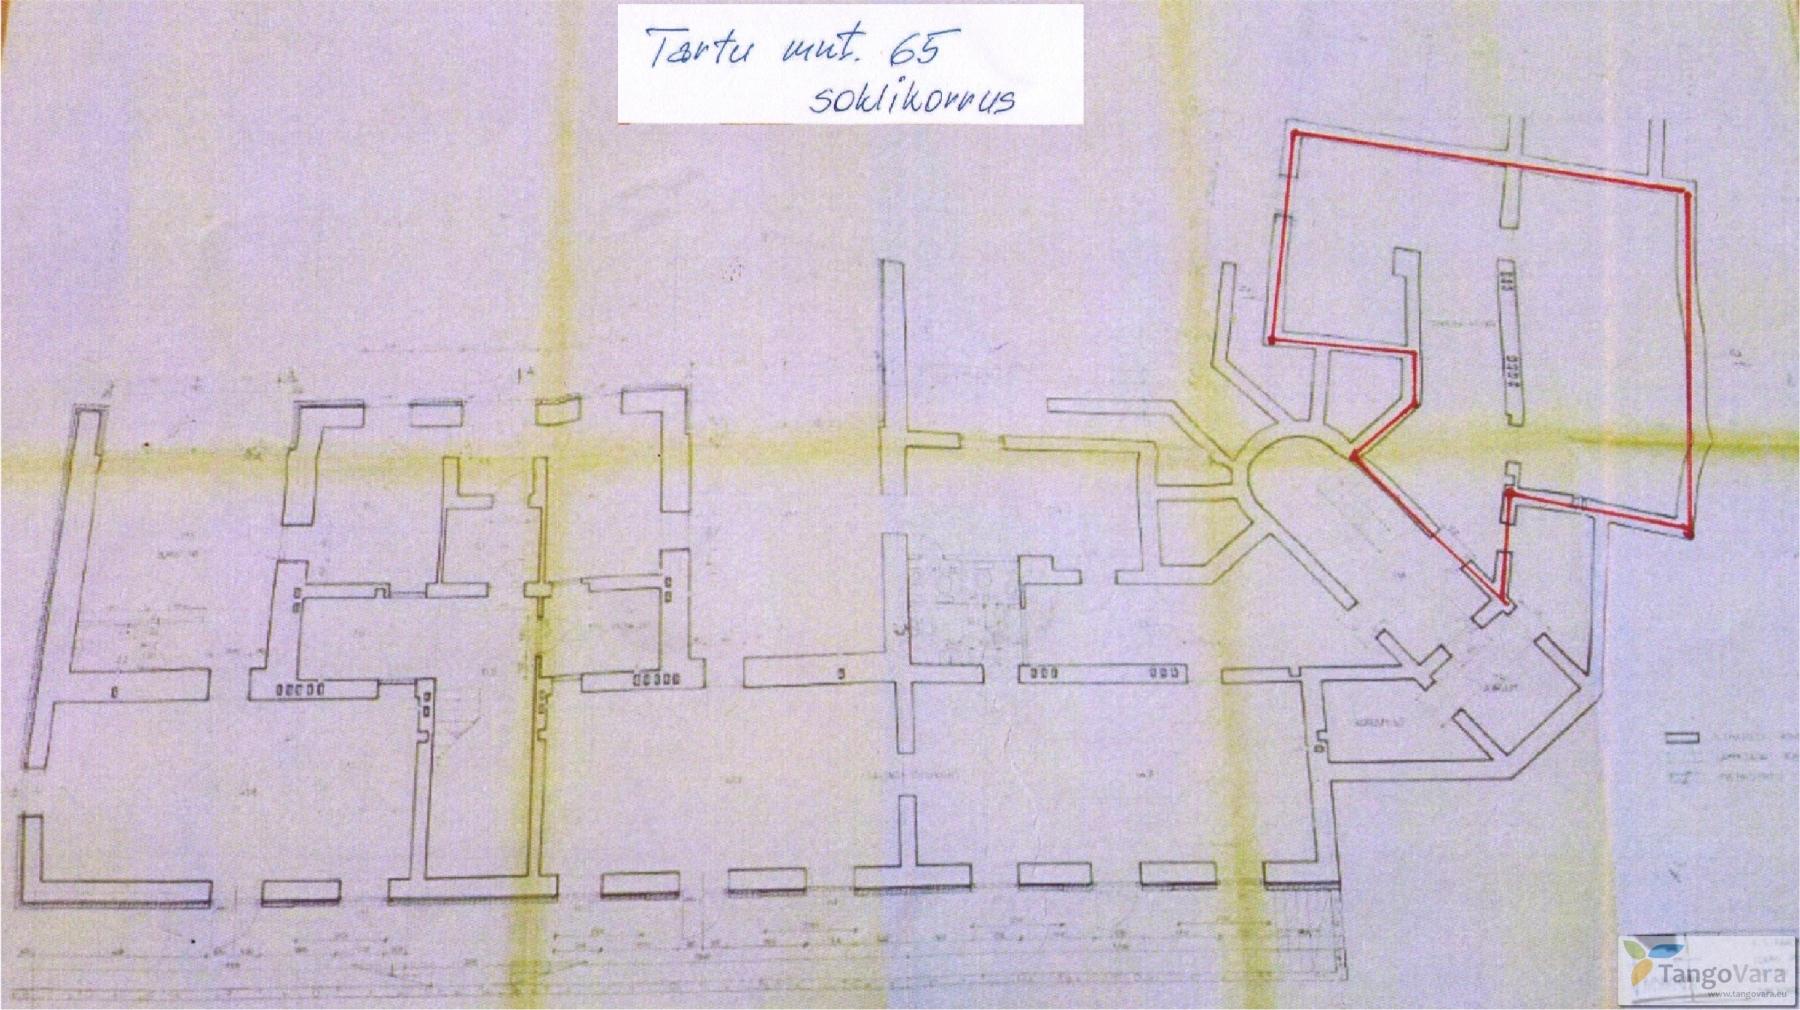 Tartumnt65_keldrik